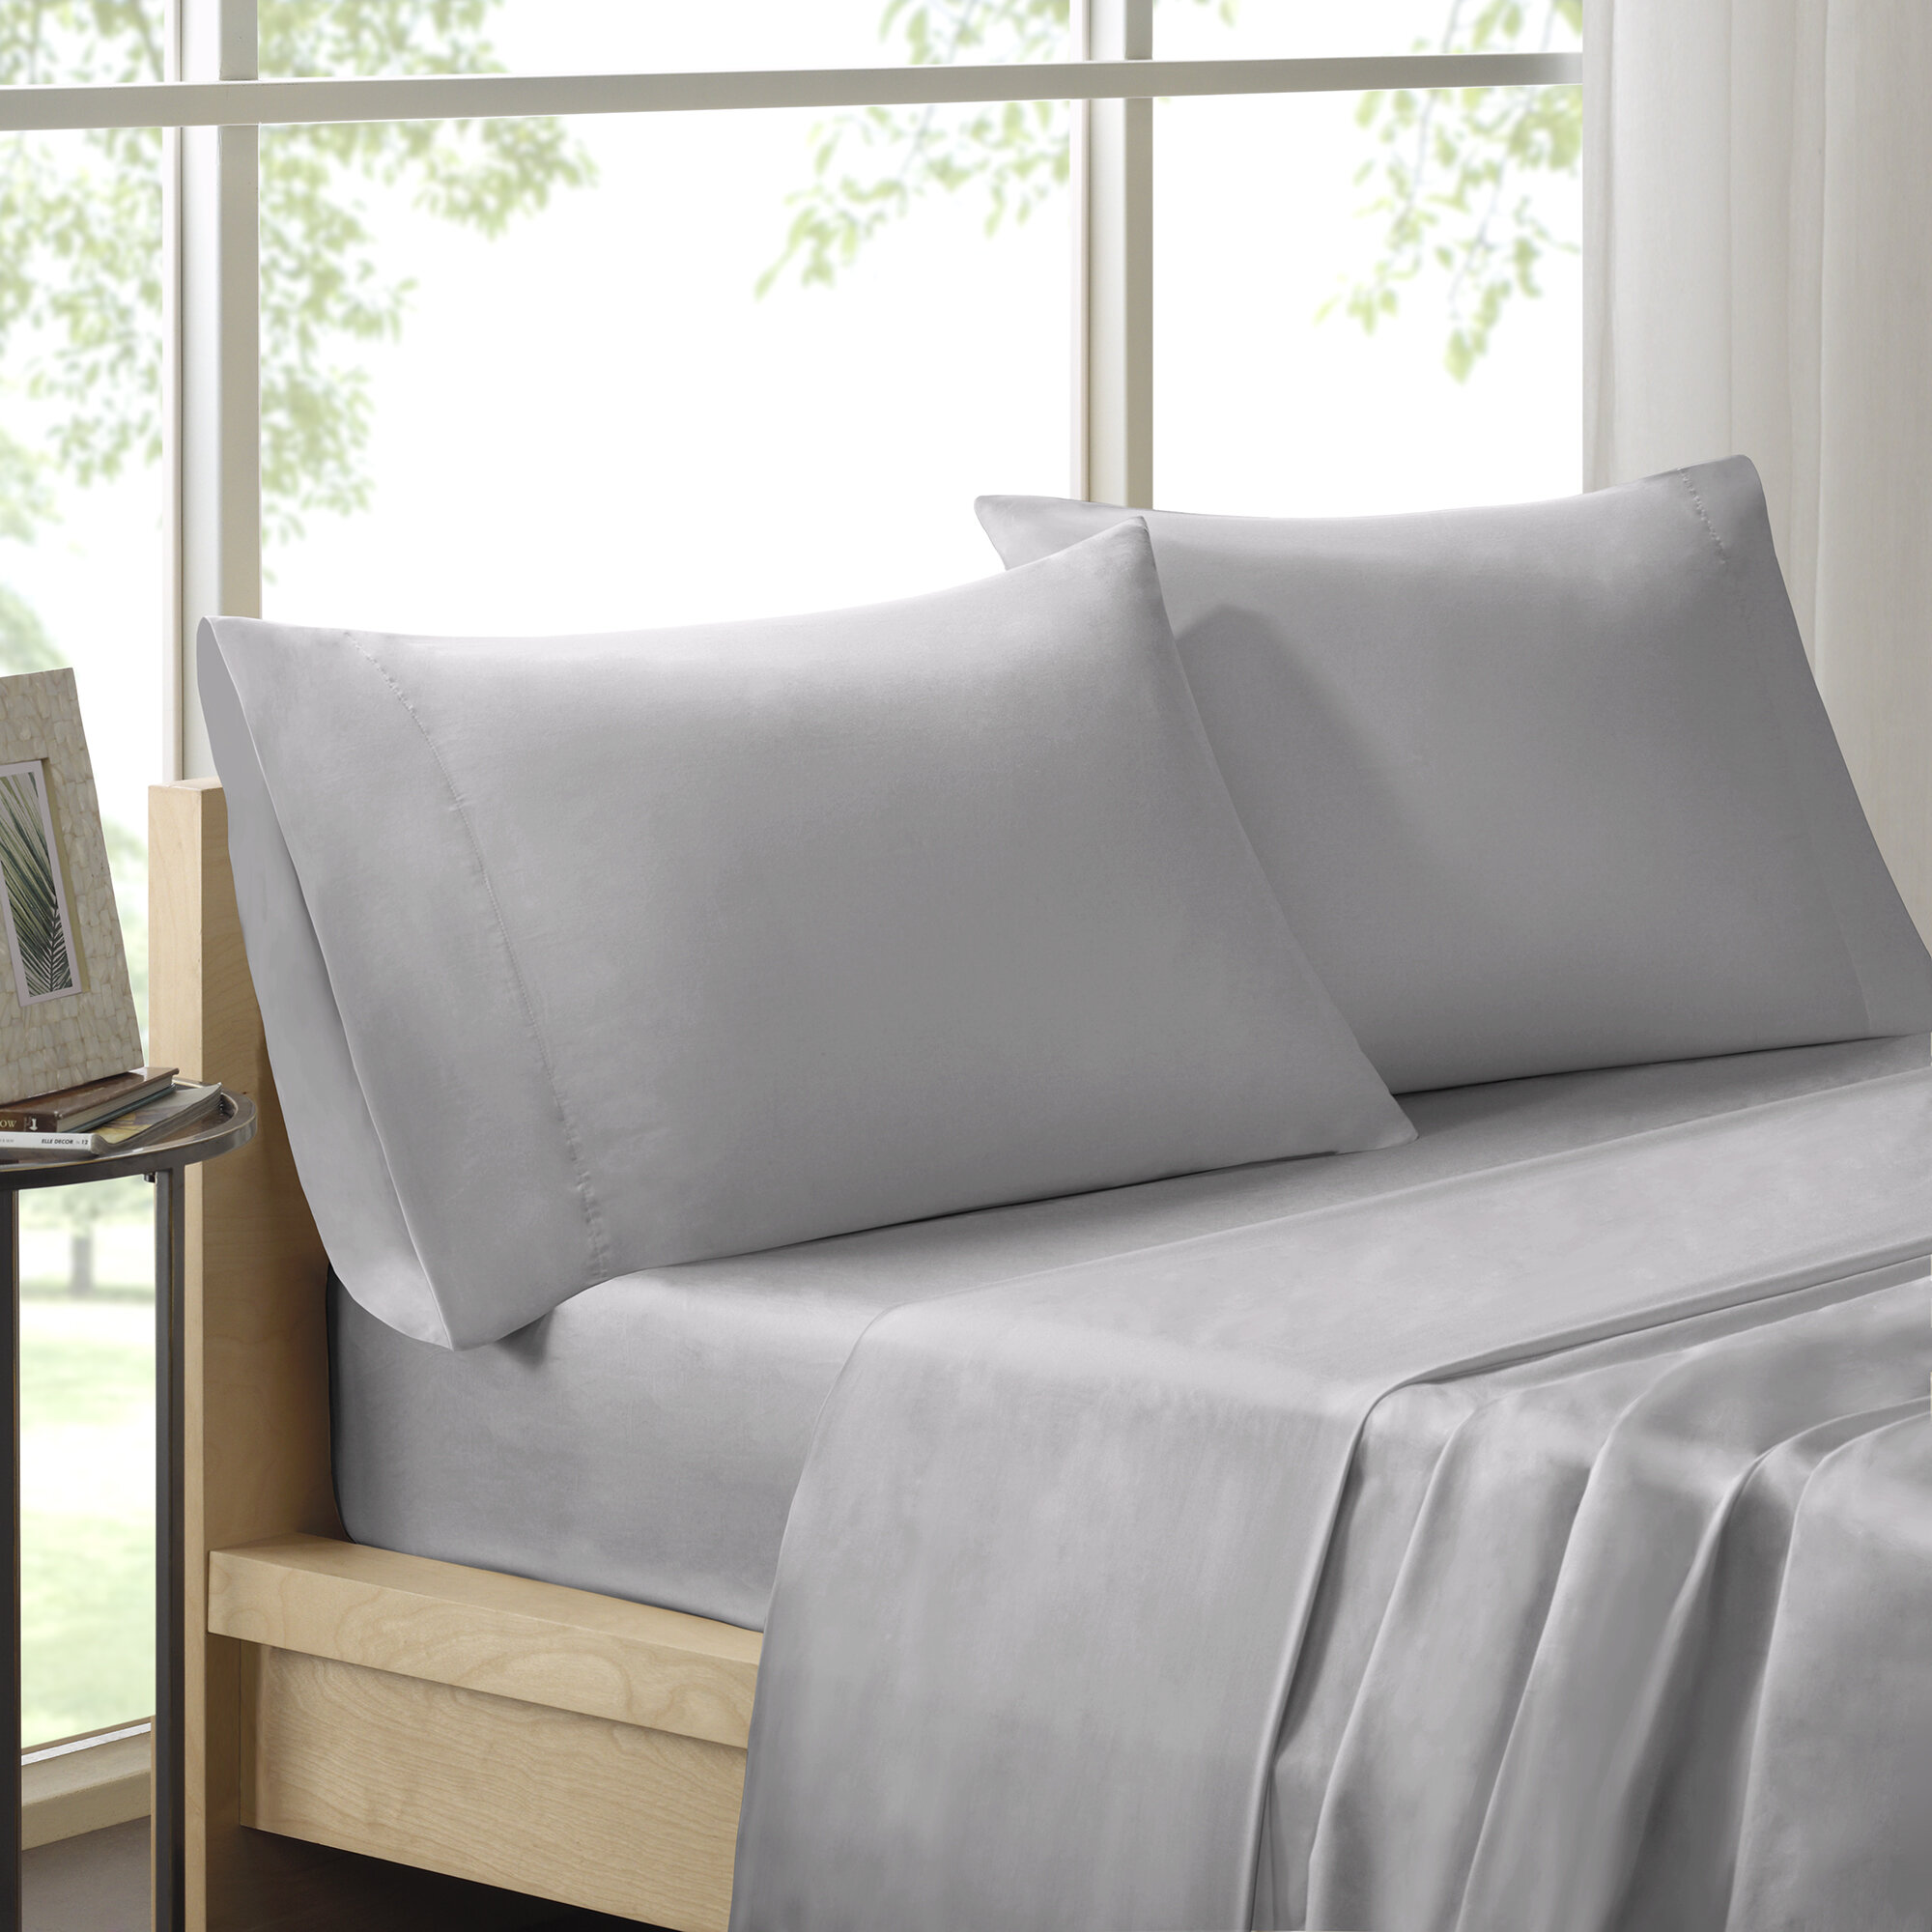 Moffett 300 Thread Count Pima Cotton Sheet Set Reviews Wayfair